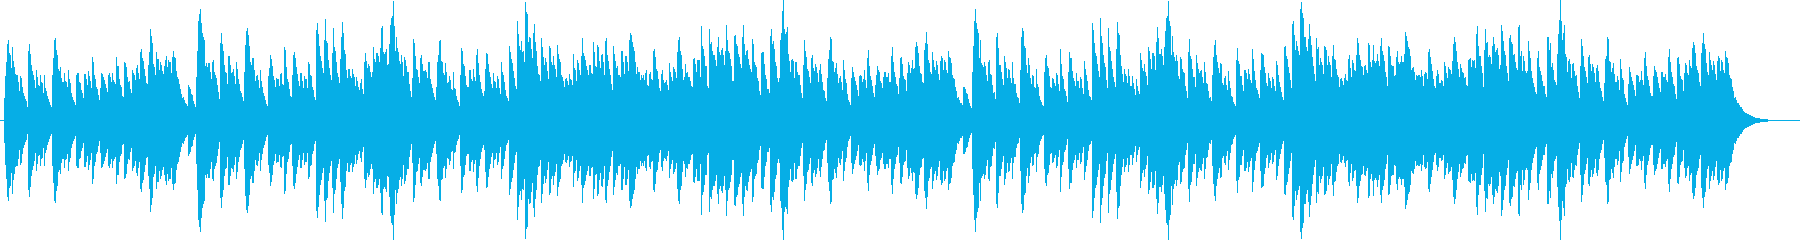 ローレライ(オルゴール)の再生済みの波形